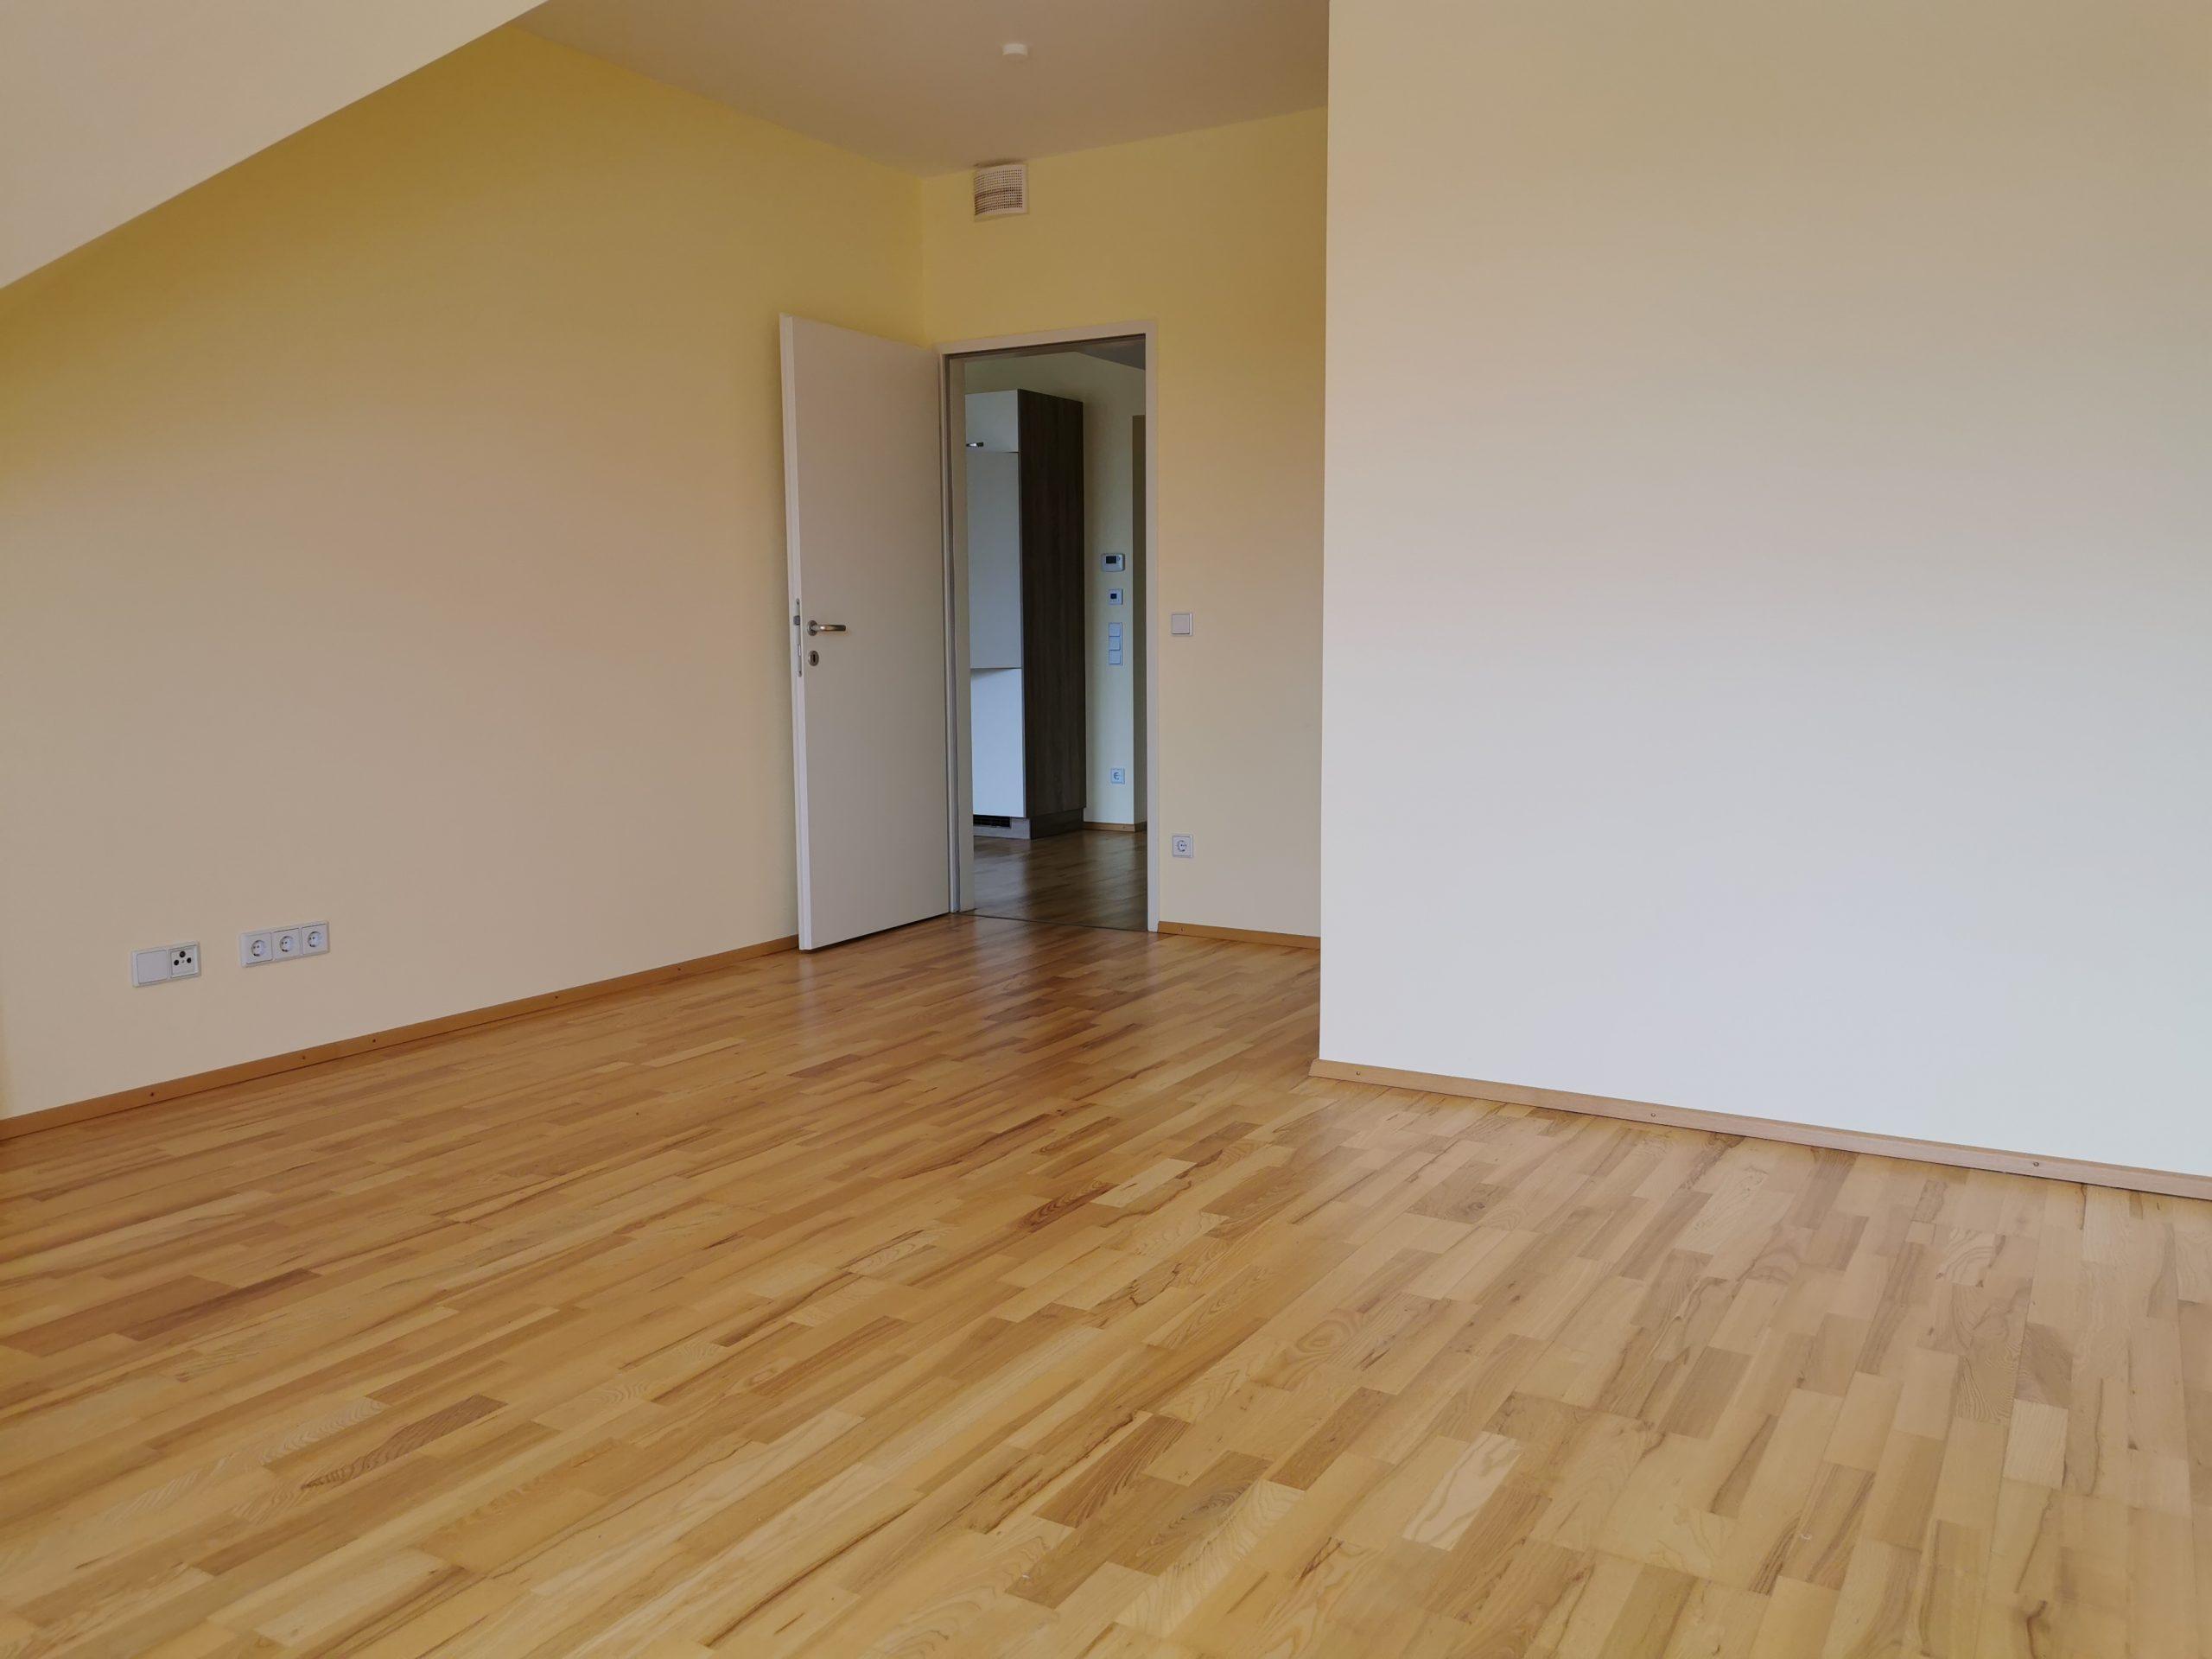 Immobilie von Kamptal in 2136 Laa an der Thaya, Mistelbach, Laa/ Thaya VII - Top 20 - Stadtplatz Nr. 61 #3